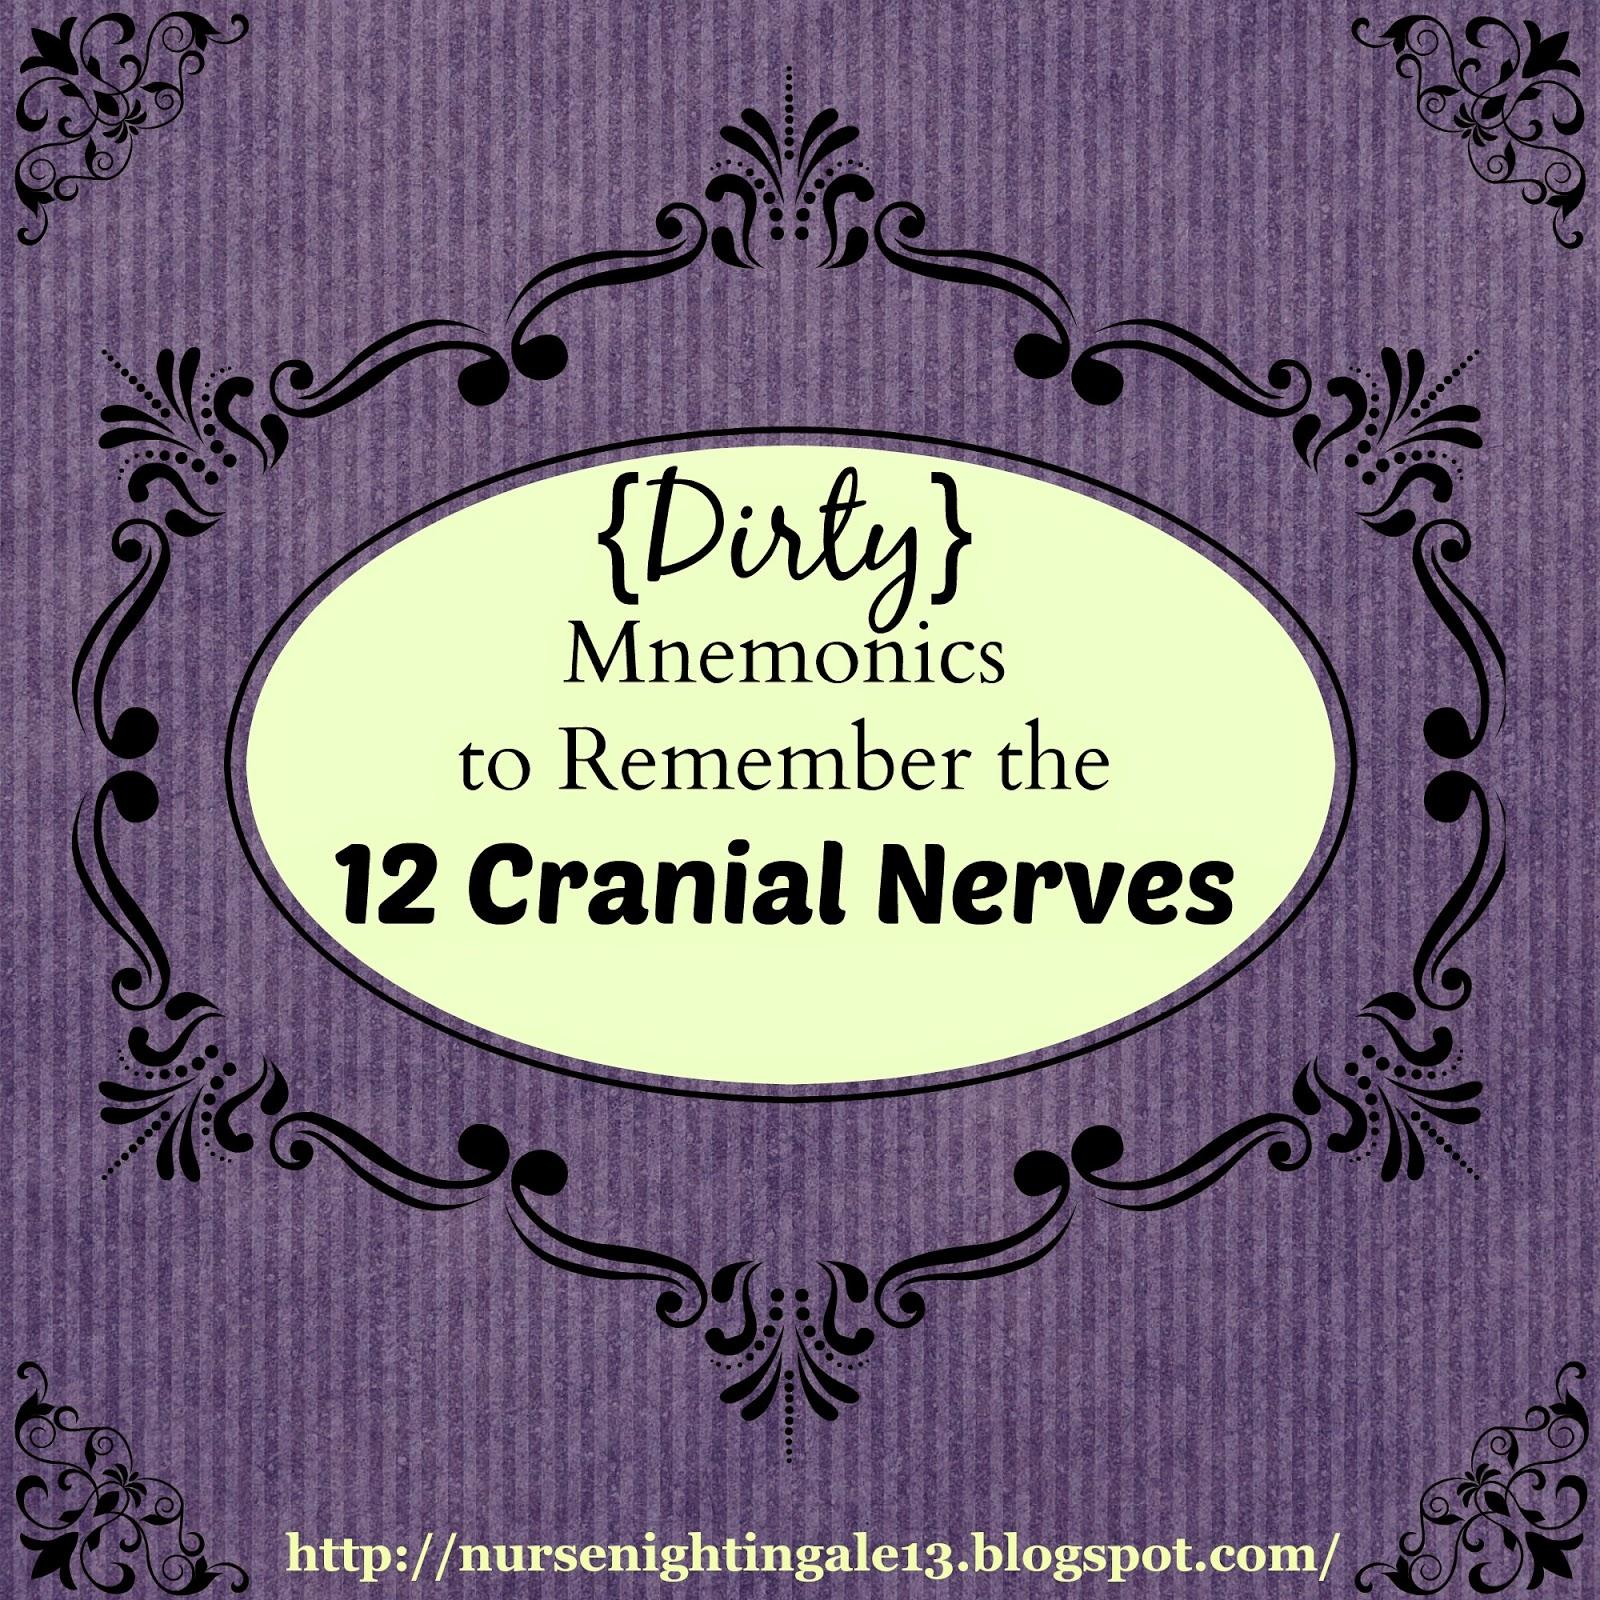 Nurse Nightingale: {Dirty} Mnemonics to Remember the 12 ...